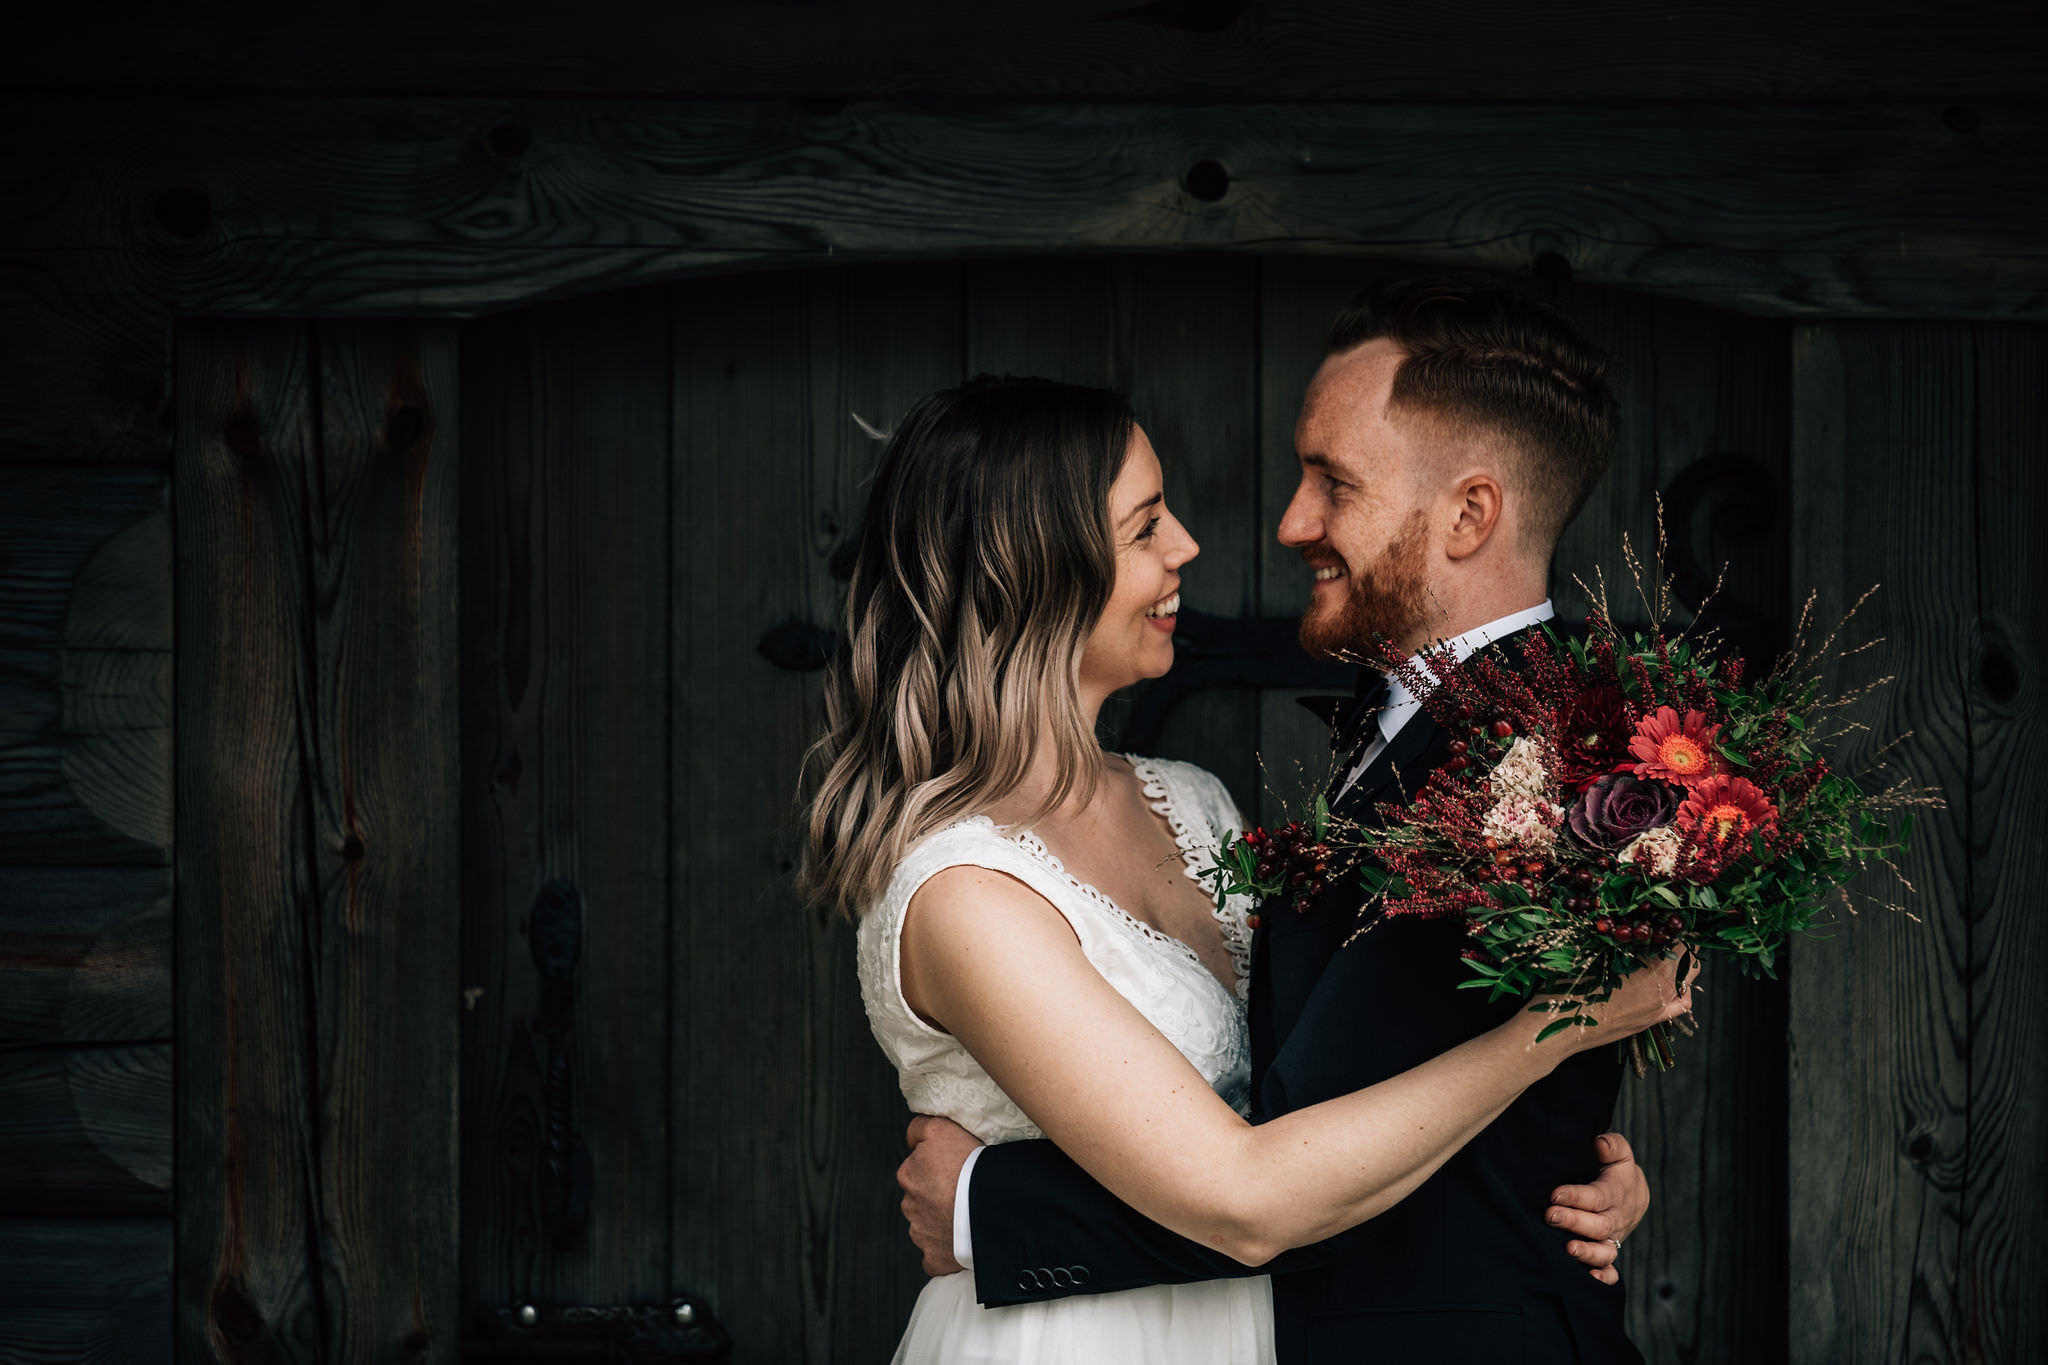 oslo-fotograf-bryllup-6